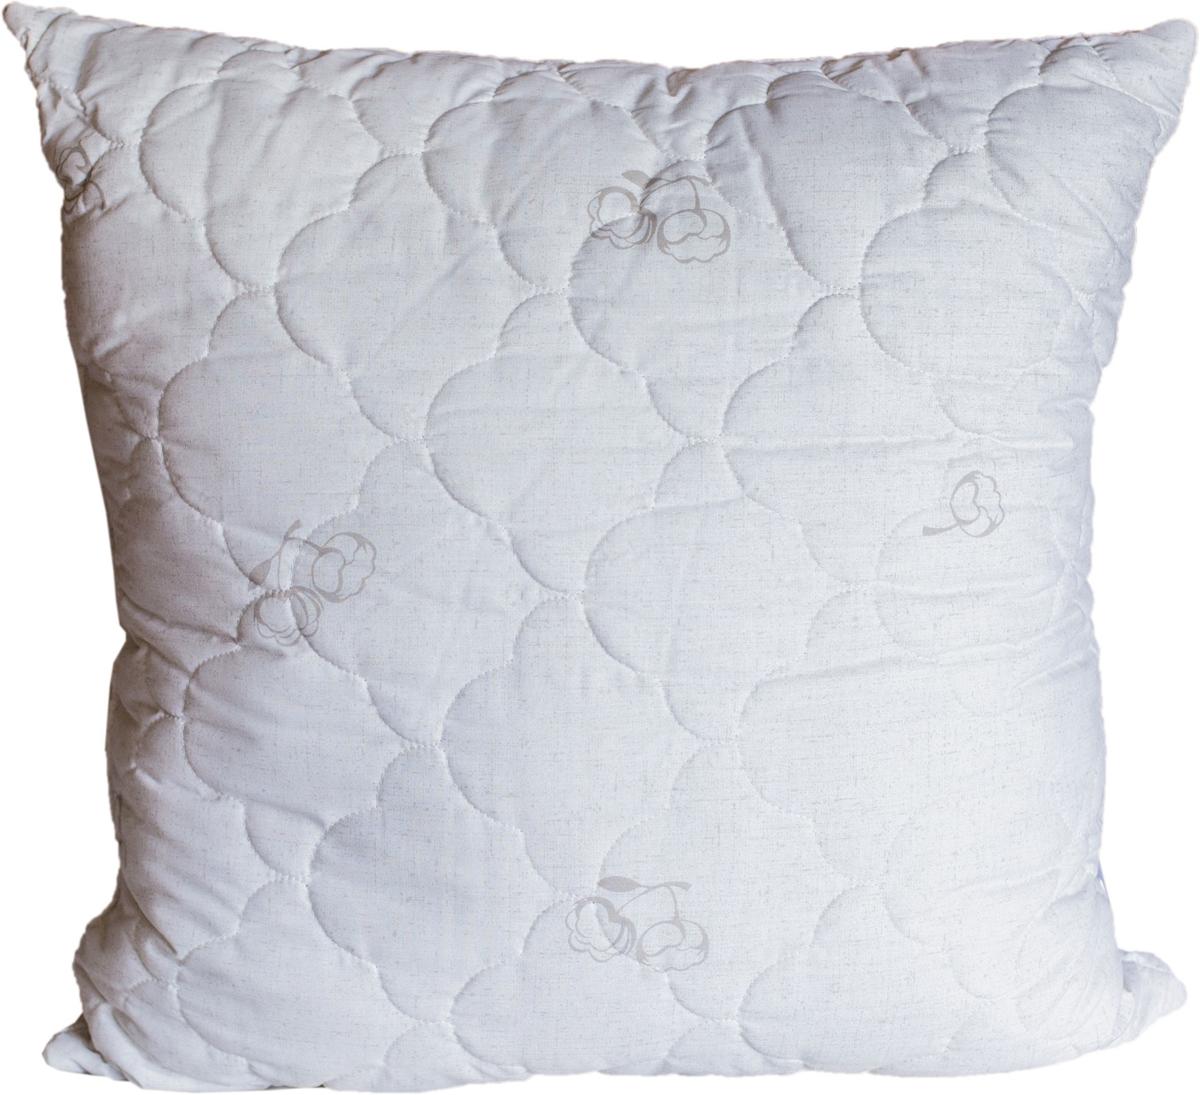 Изделия из хлопкового волокна ценят за их мягкость и теплоту.  Хлопок - это здоровый натуральный природный материал, он хорошо регулирует температуру, согревая тело во время сна.  Подушки из ткани поликоттон гладкокрашеный с фирменной стежкой и дизайном.